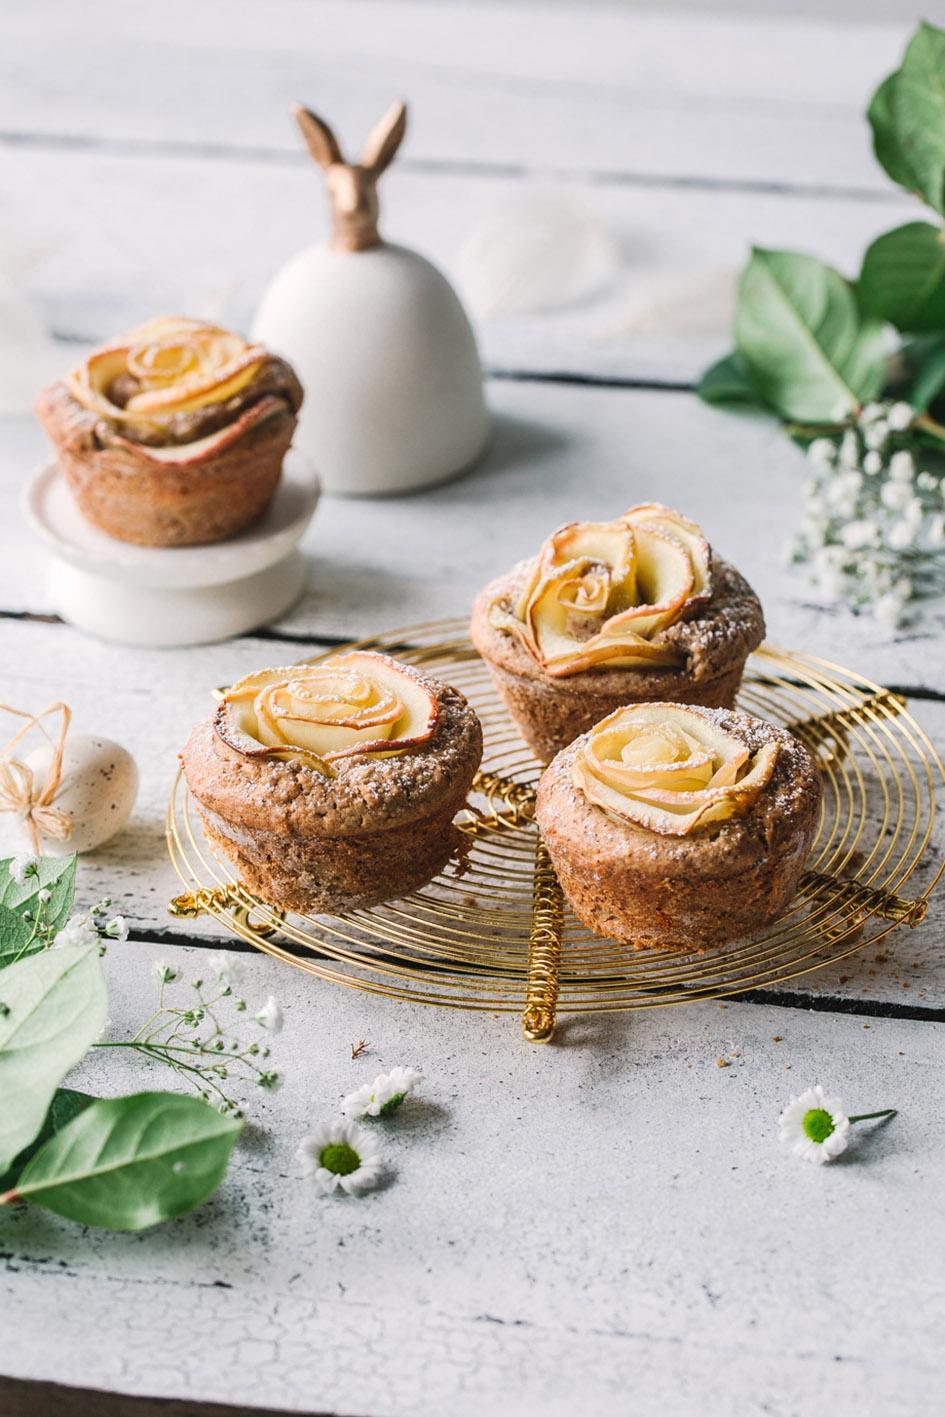 Apfelrosen-Muffins aus gesunden Zutaten zu Ostern